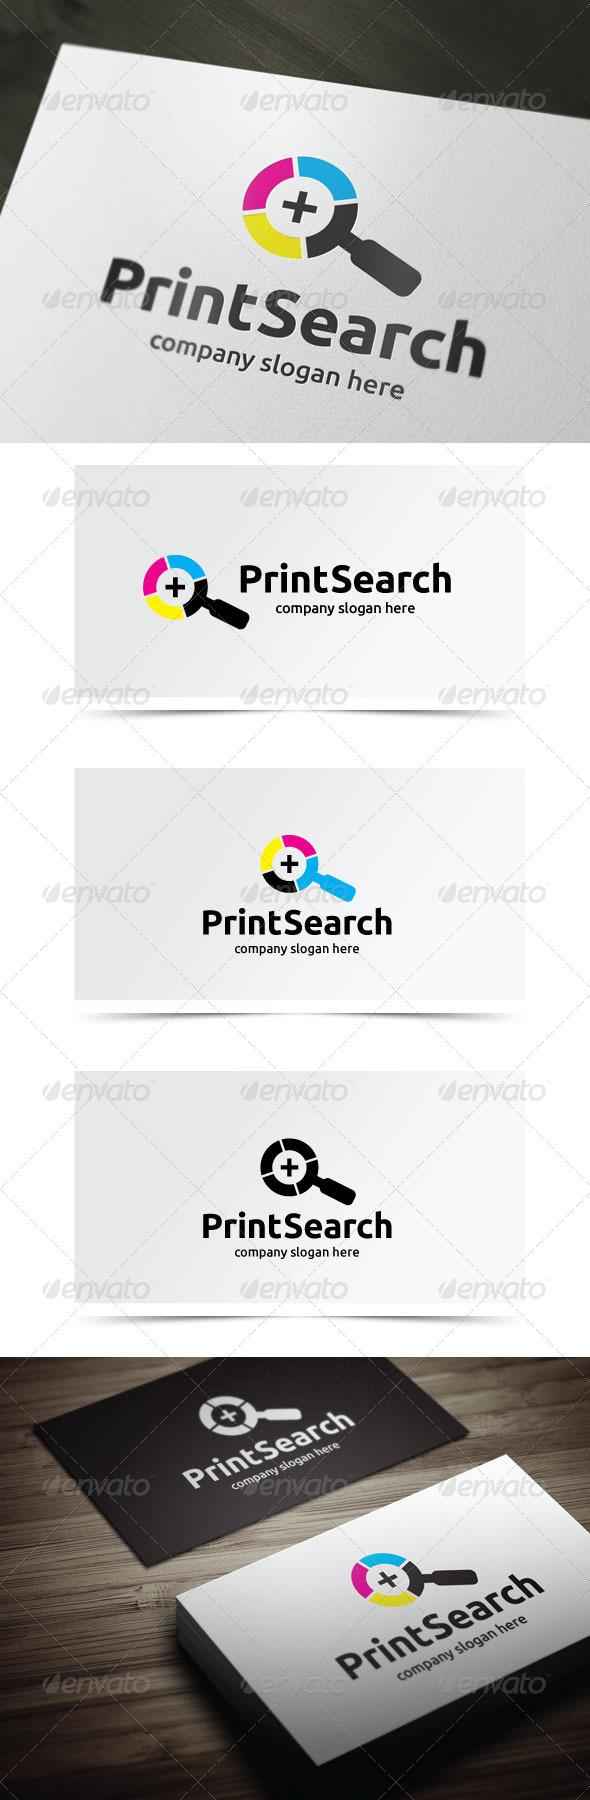 GraphicRiver Print Search 5882536